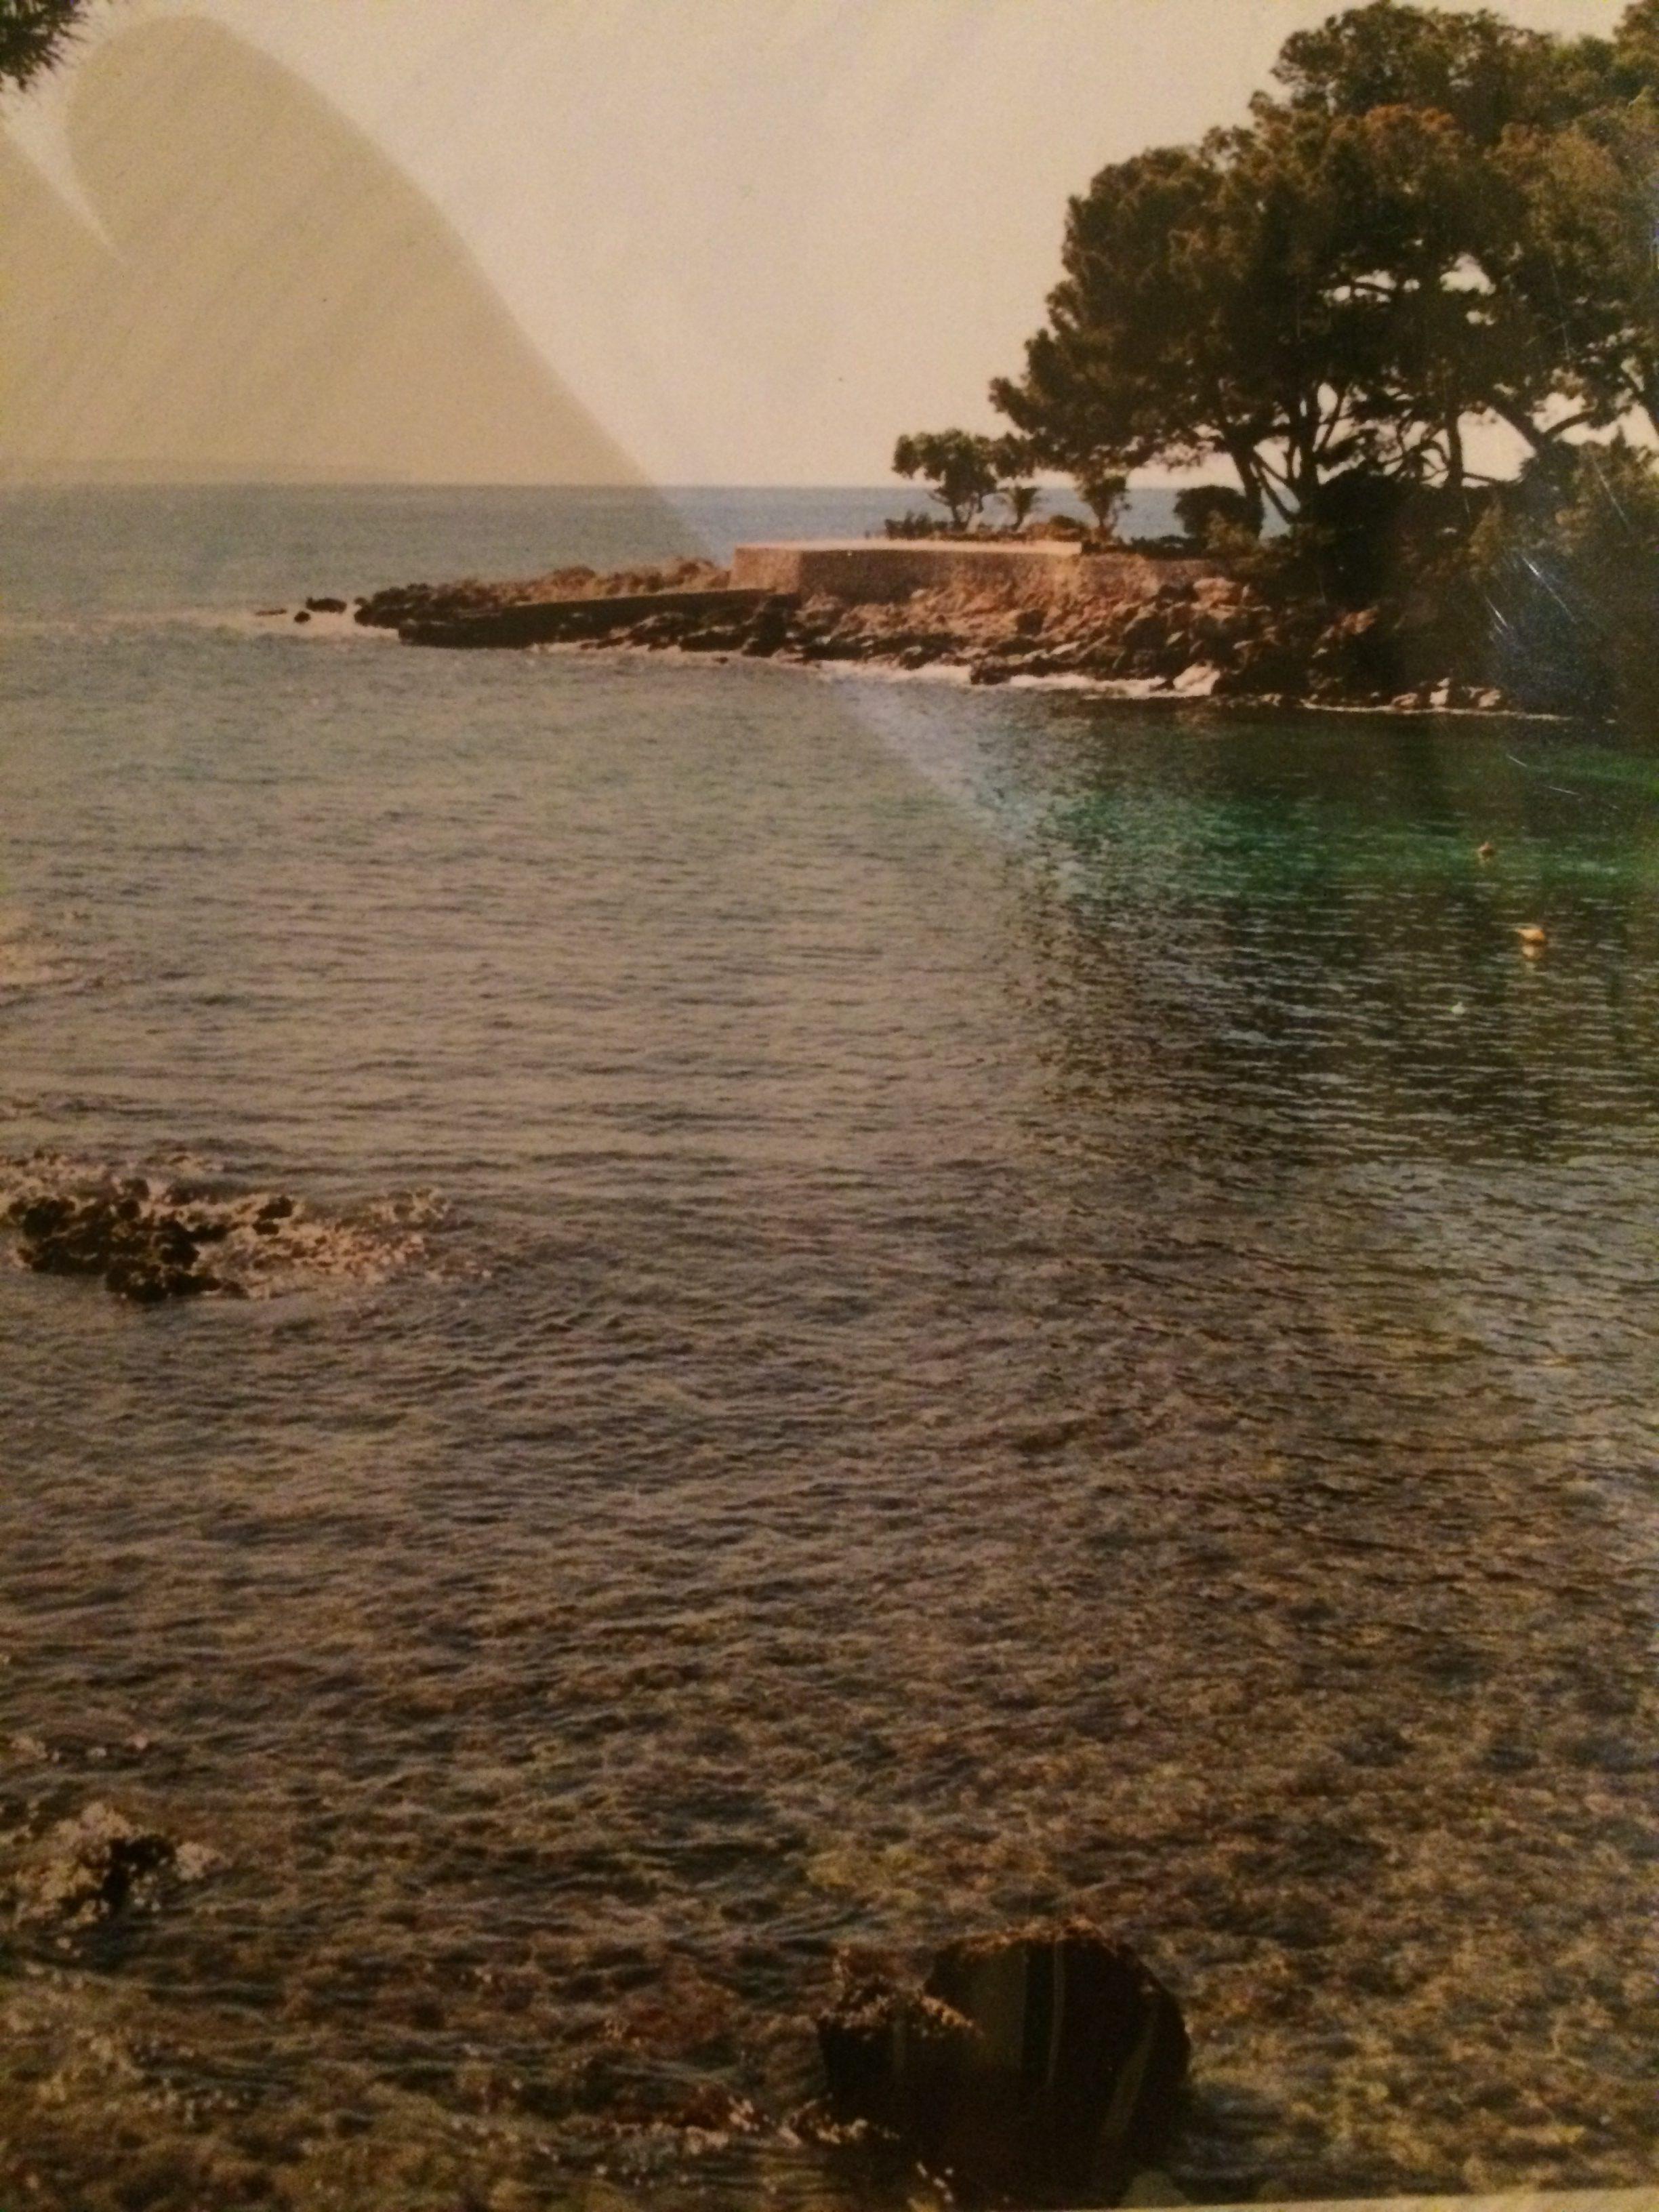 beach-e1484473673496.jpg